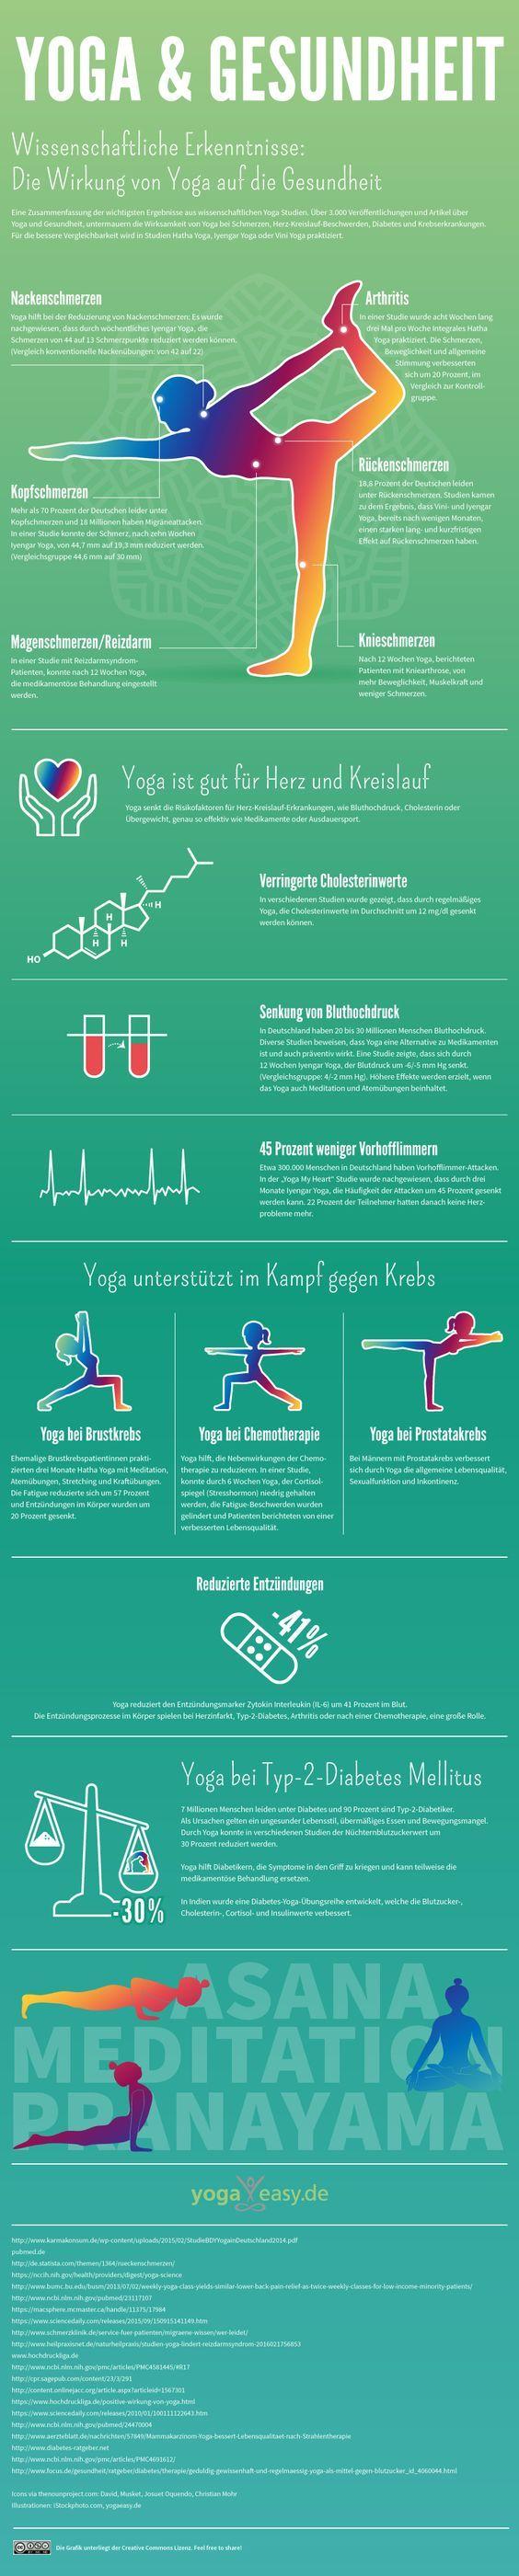 Infografik über die Vorteile von Yoga - wissenschaftlich belegt auf einem Blick.